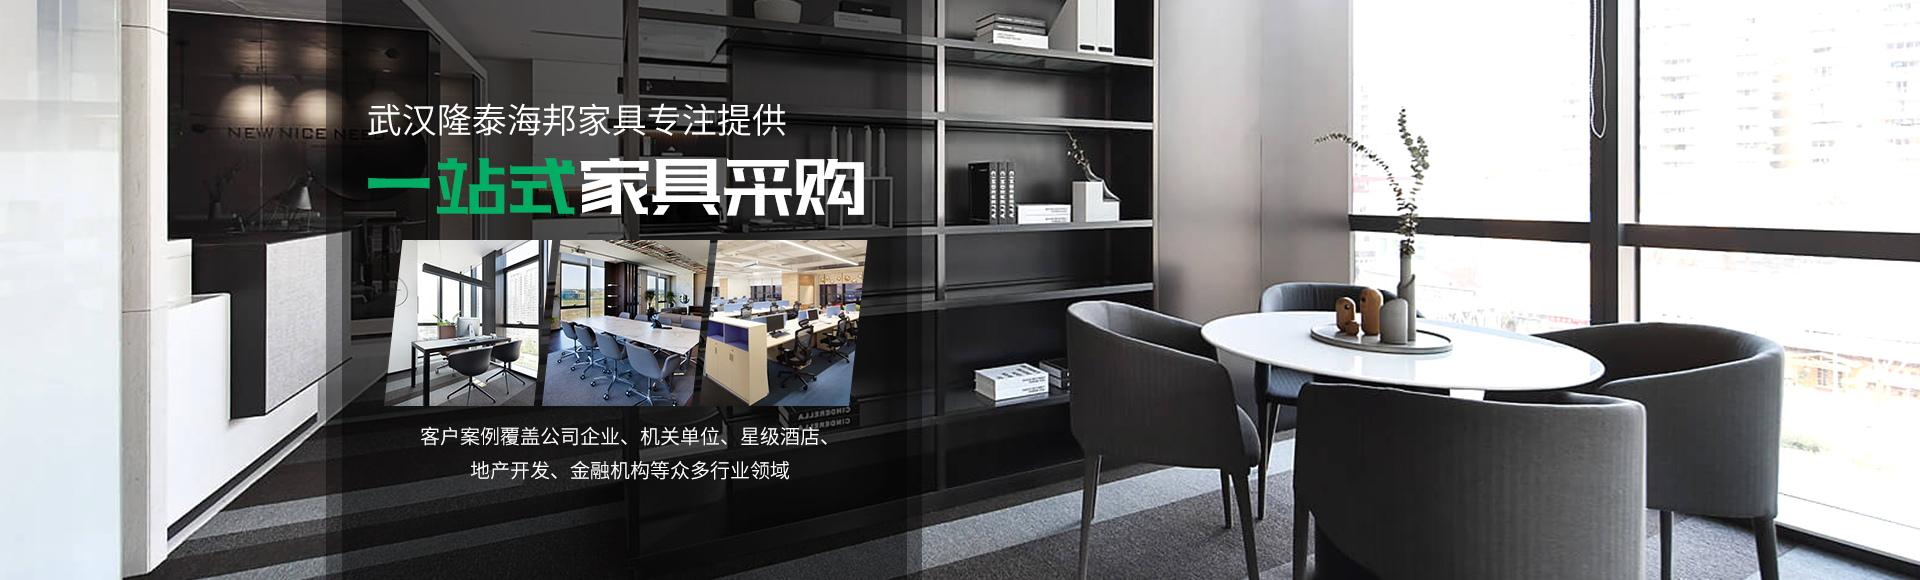 武汉办公室沙发